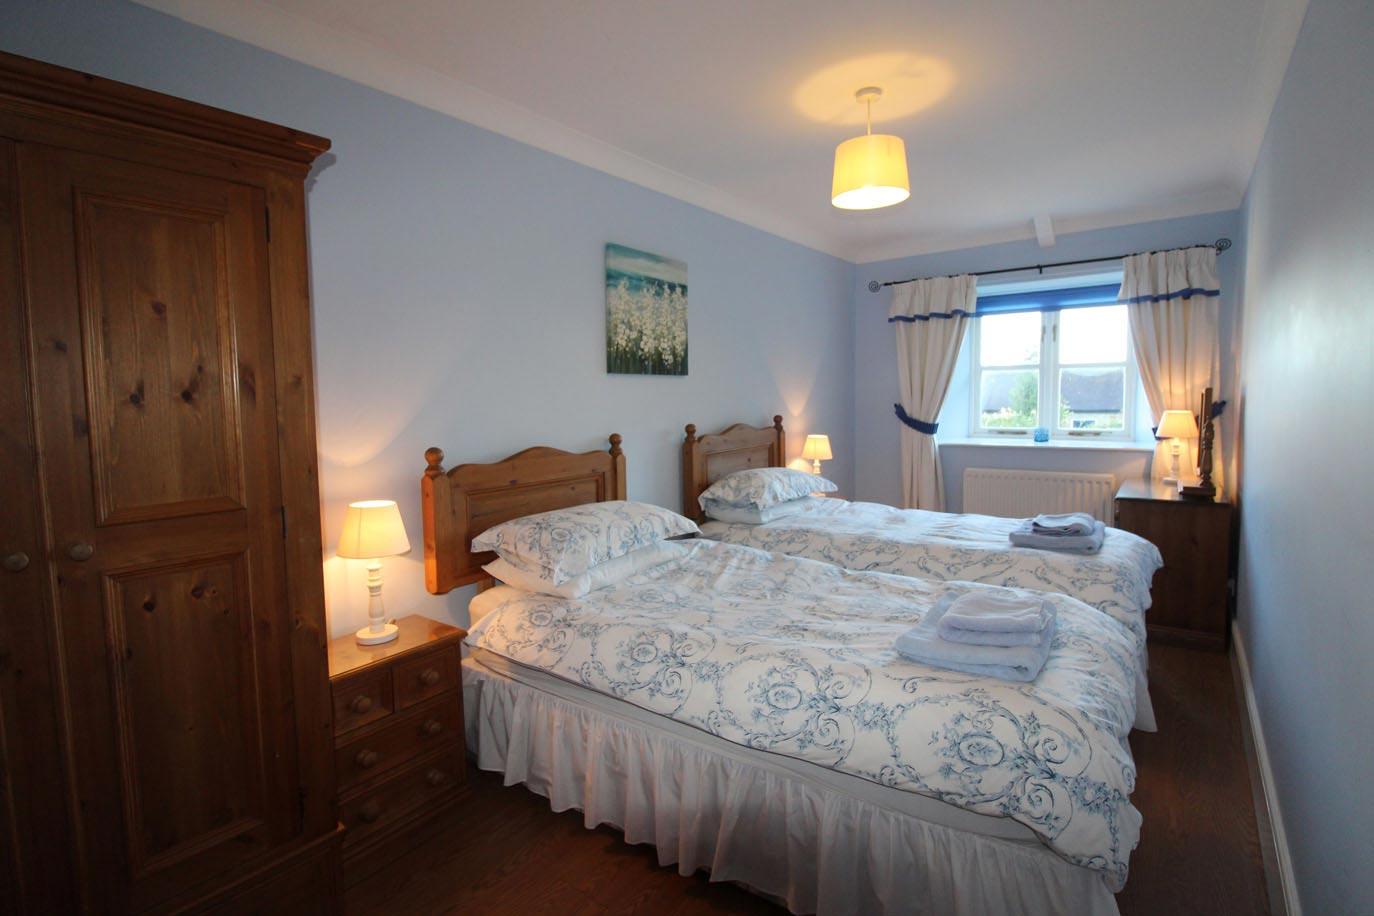 Buttermilk---Bedroom-2